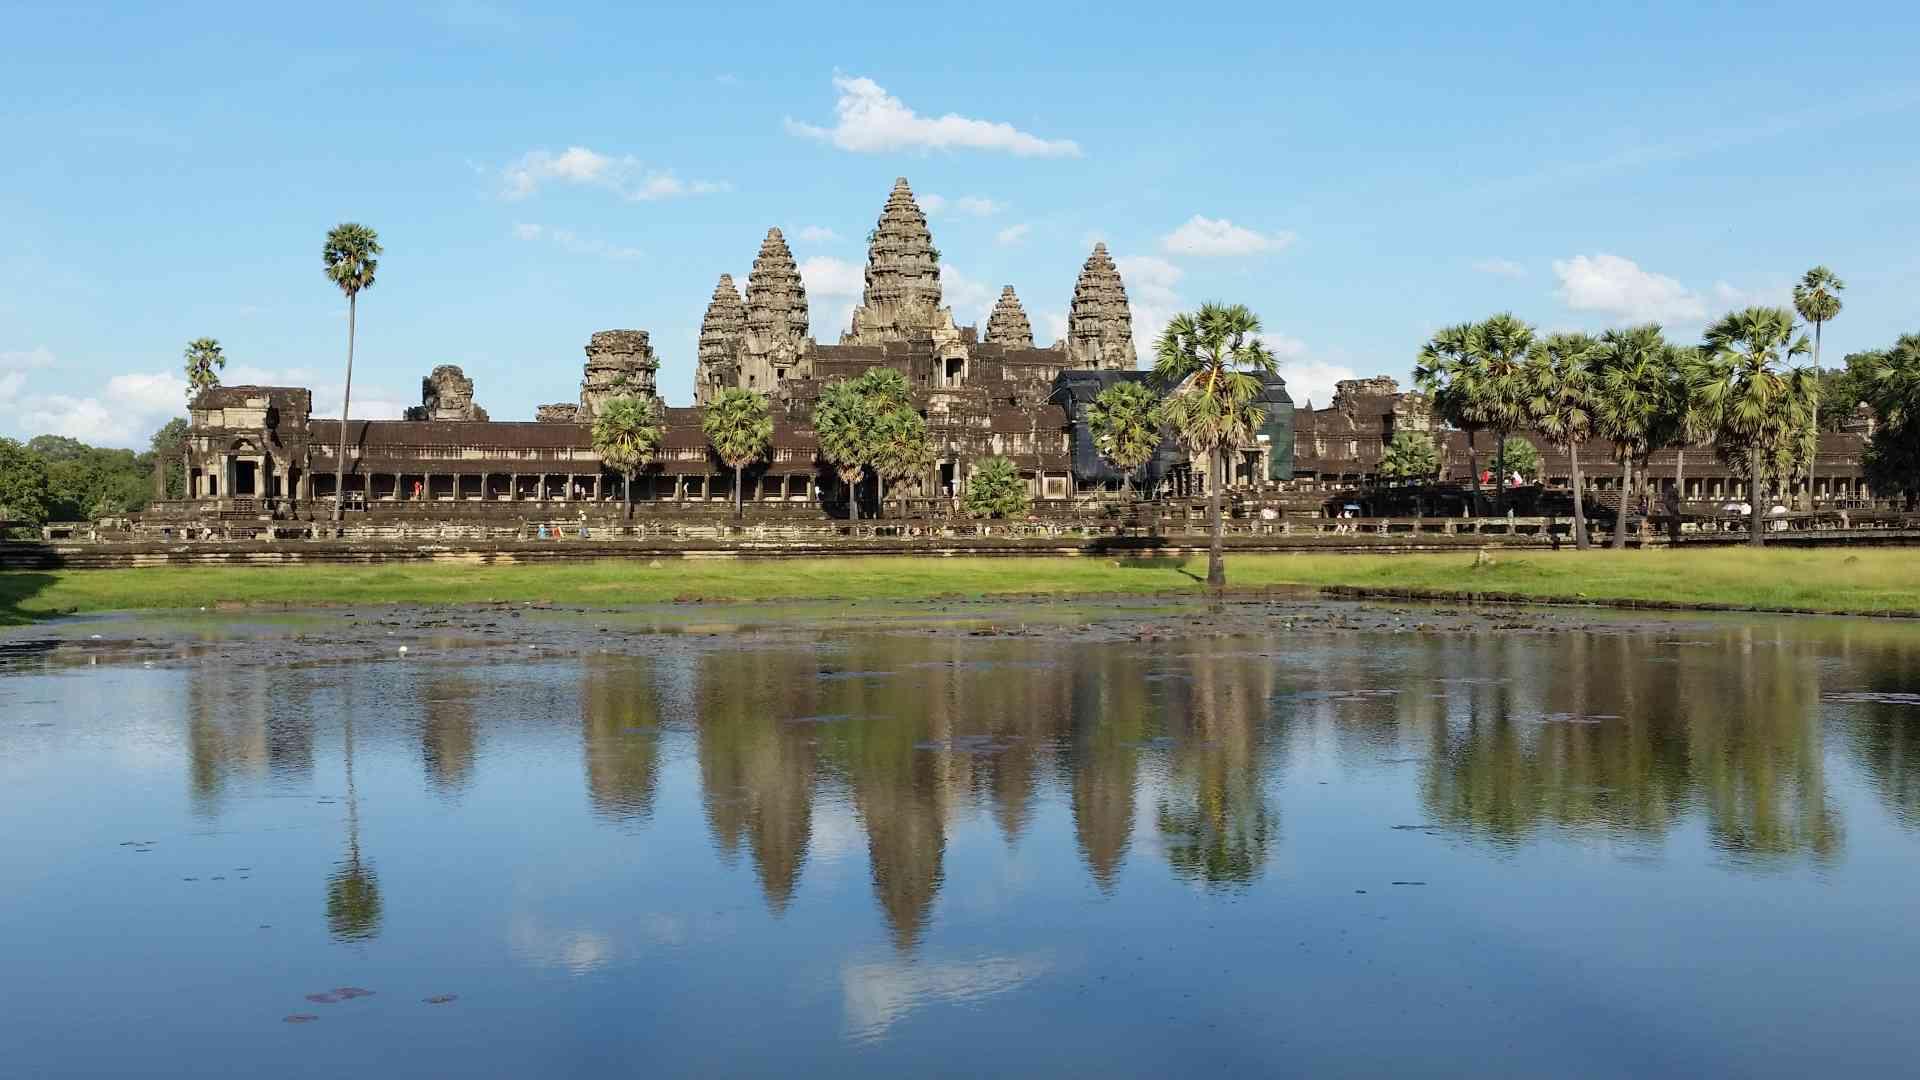 Amazing Angkor